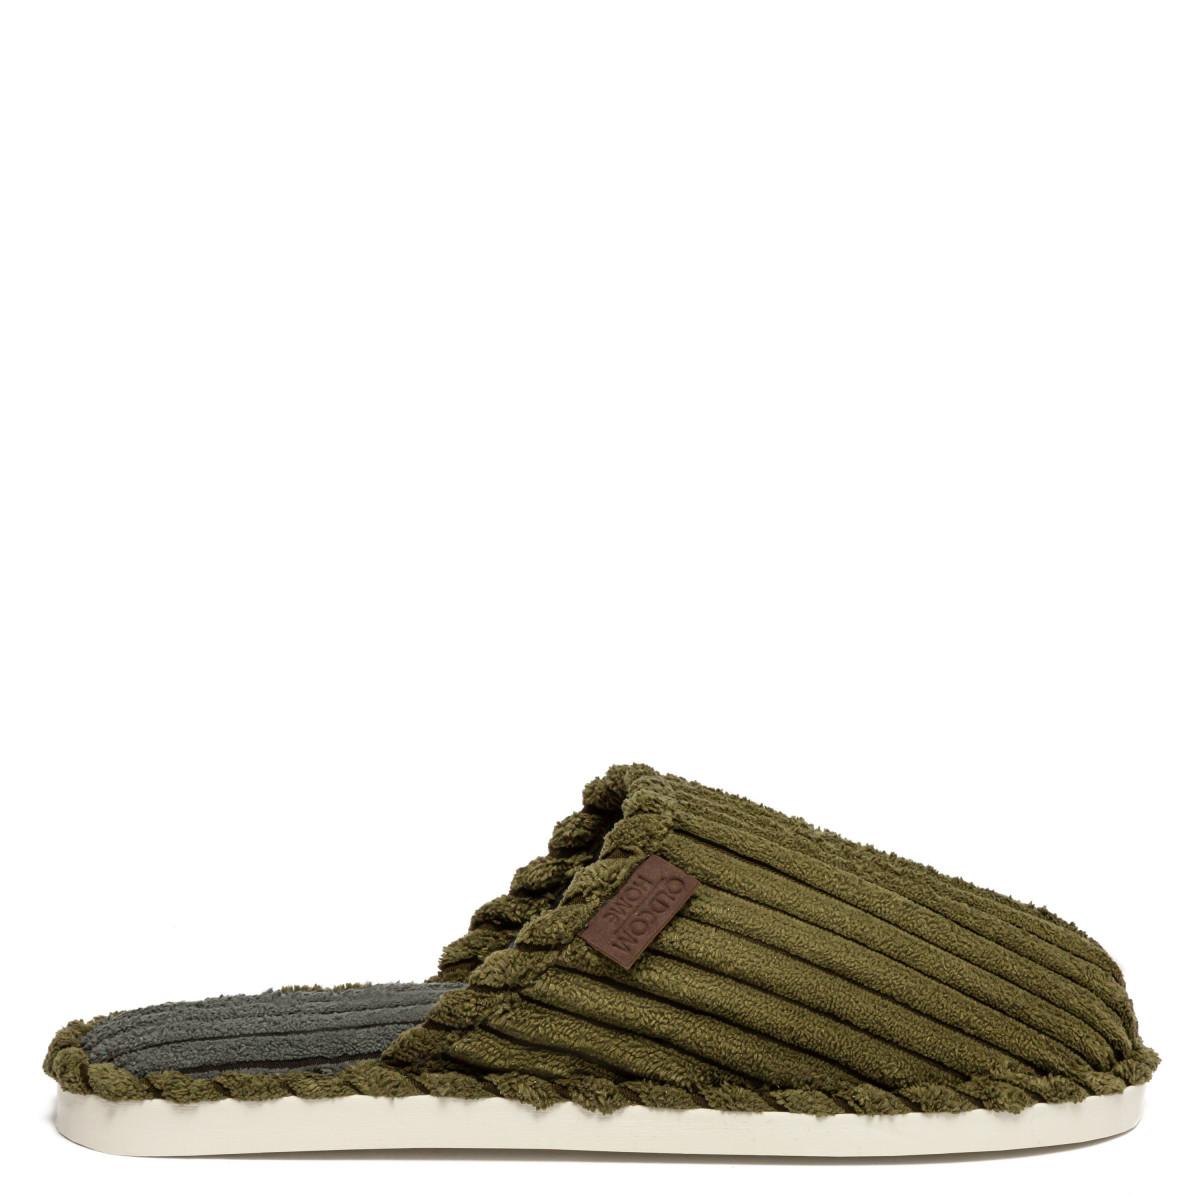 Home slippers LARRY, Khaki